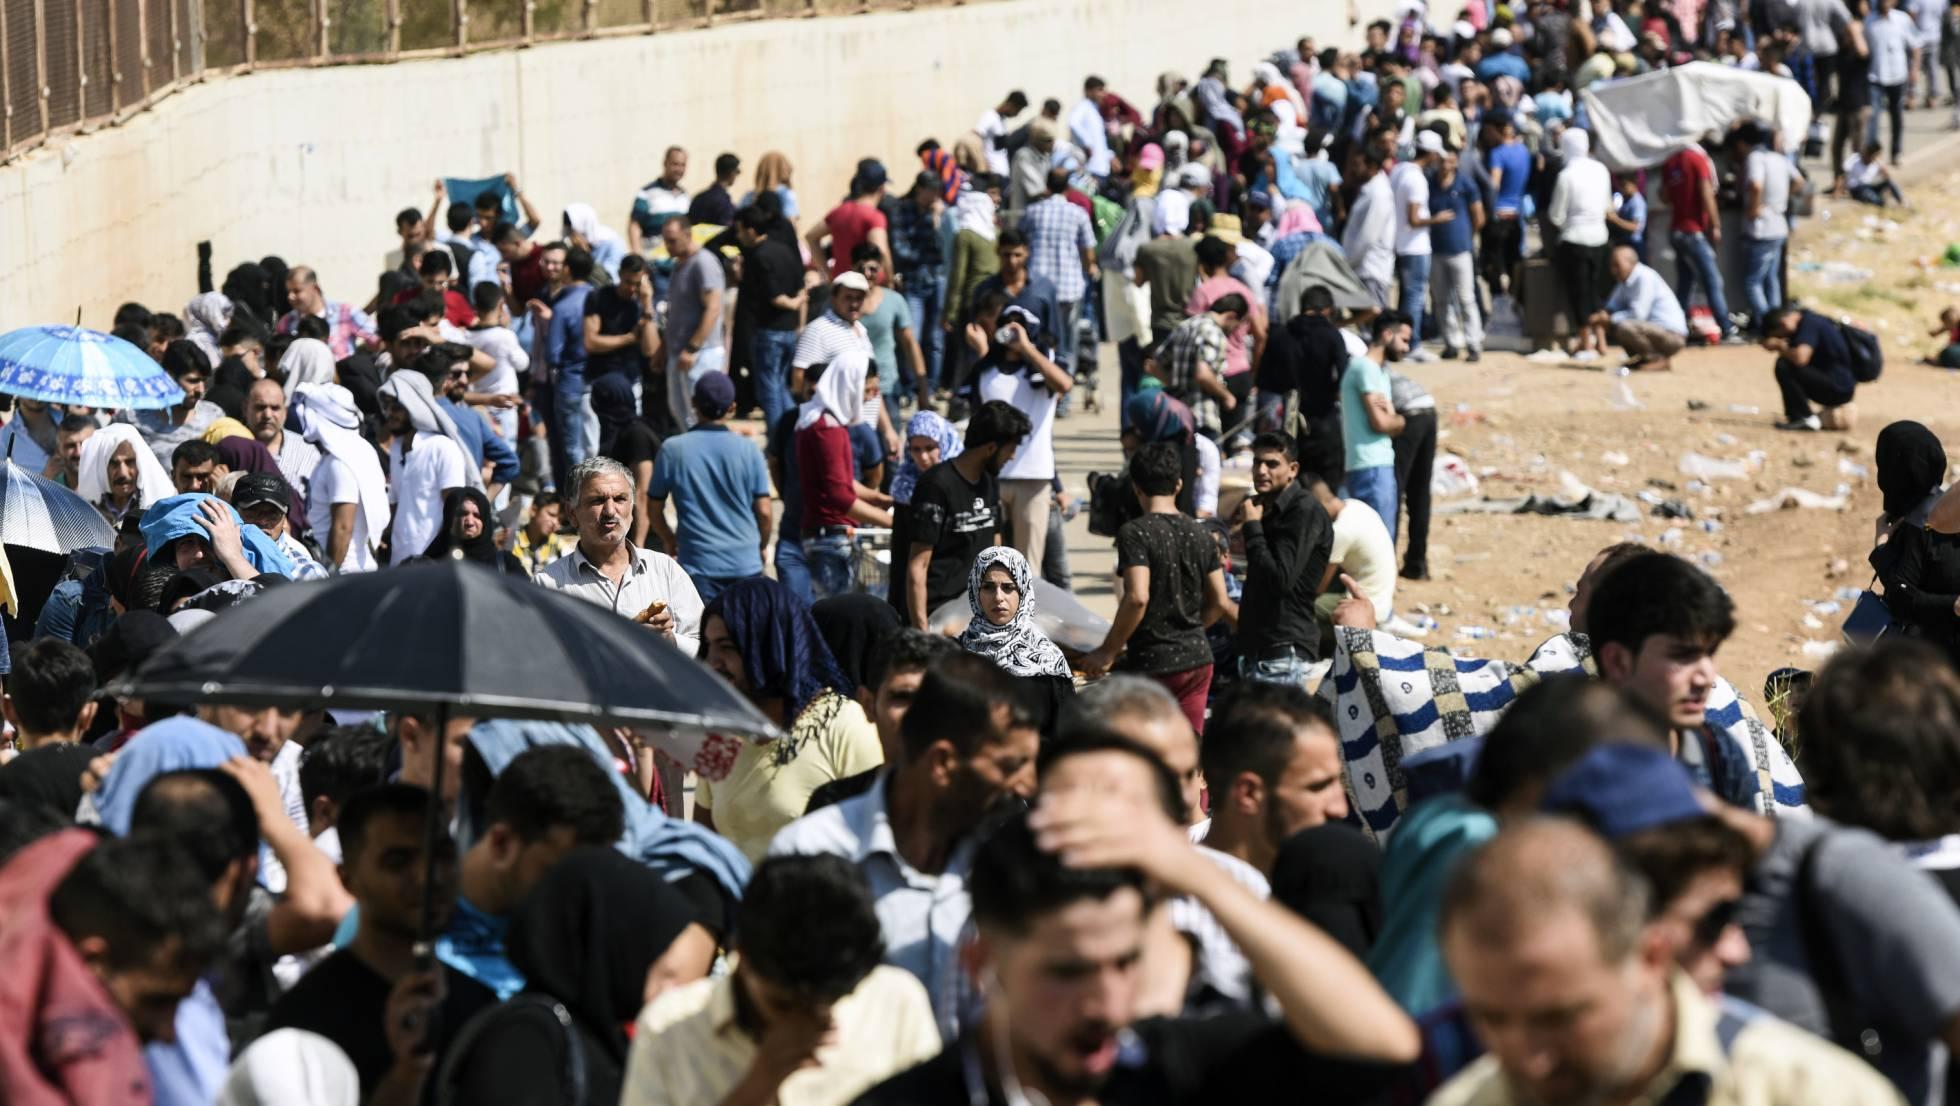 Sirios tienen que dejar sus casas por la sequía que hace que el precio de los alimentos aumente considerablemente